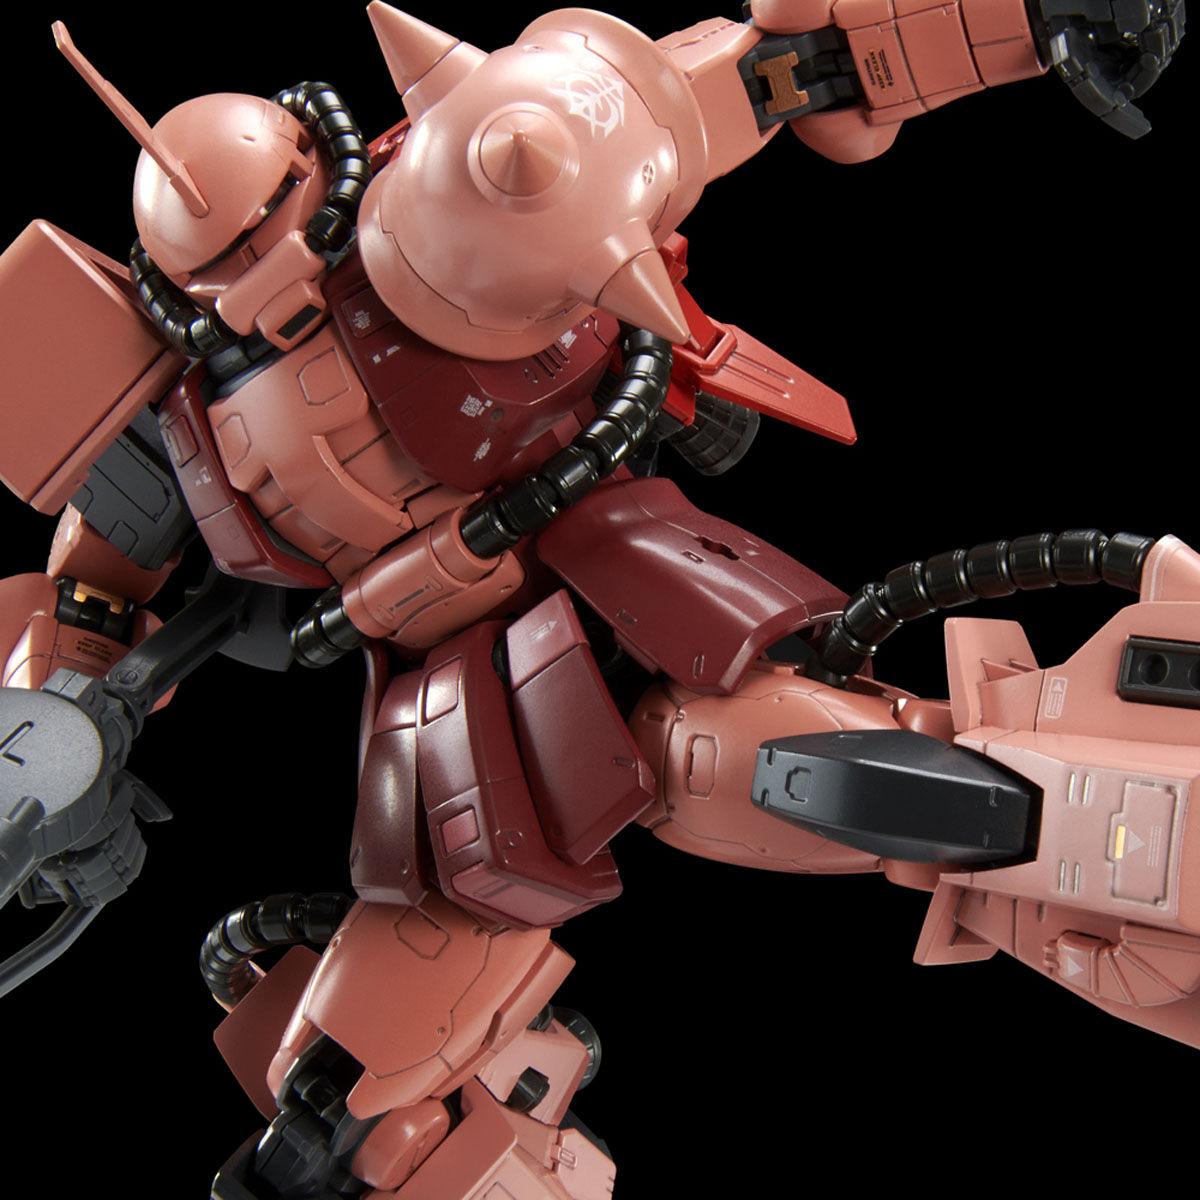 【限定販売】RG 1/144『RX-78-2 ガンダム(チームブライトカスタム)』ガンダムビルドリアル プラモデル-011